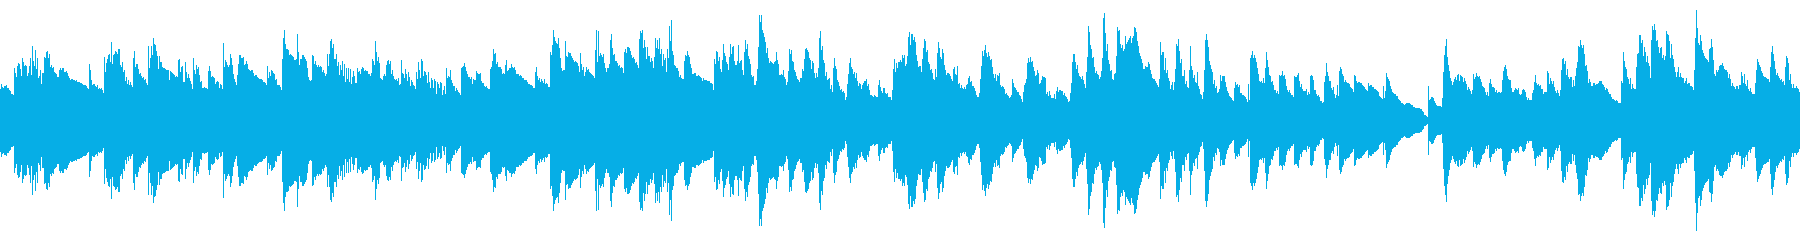 ループ もの哀しい静かな曲 ビブラフォンの再生済みの波形